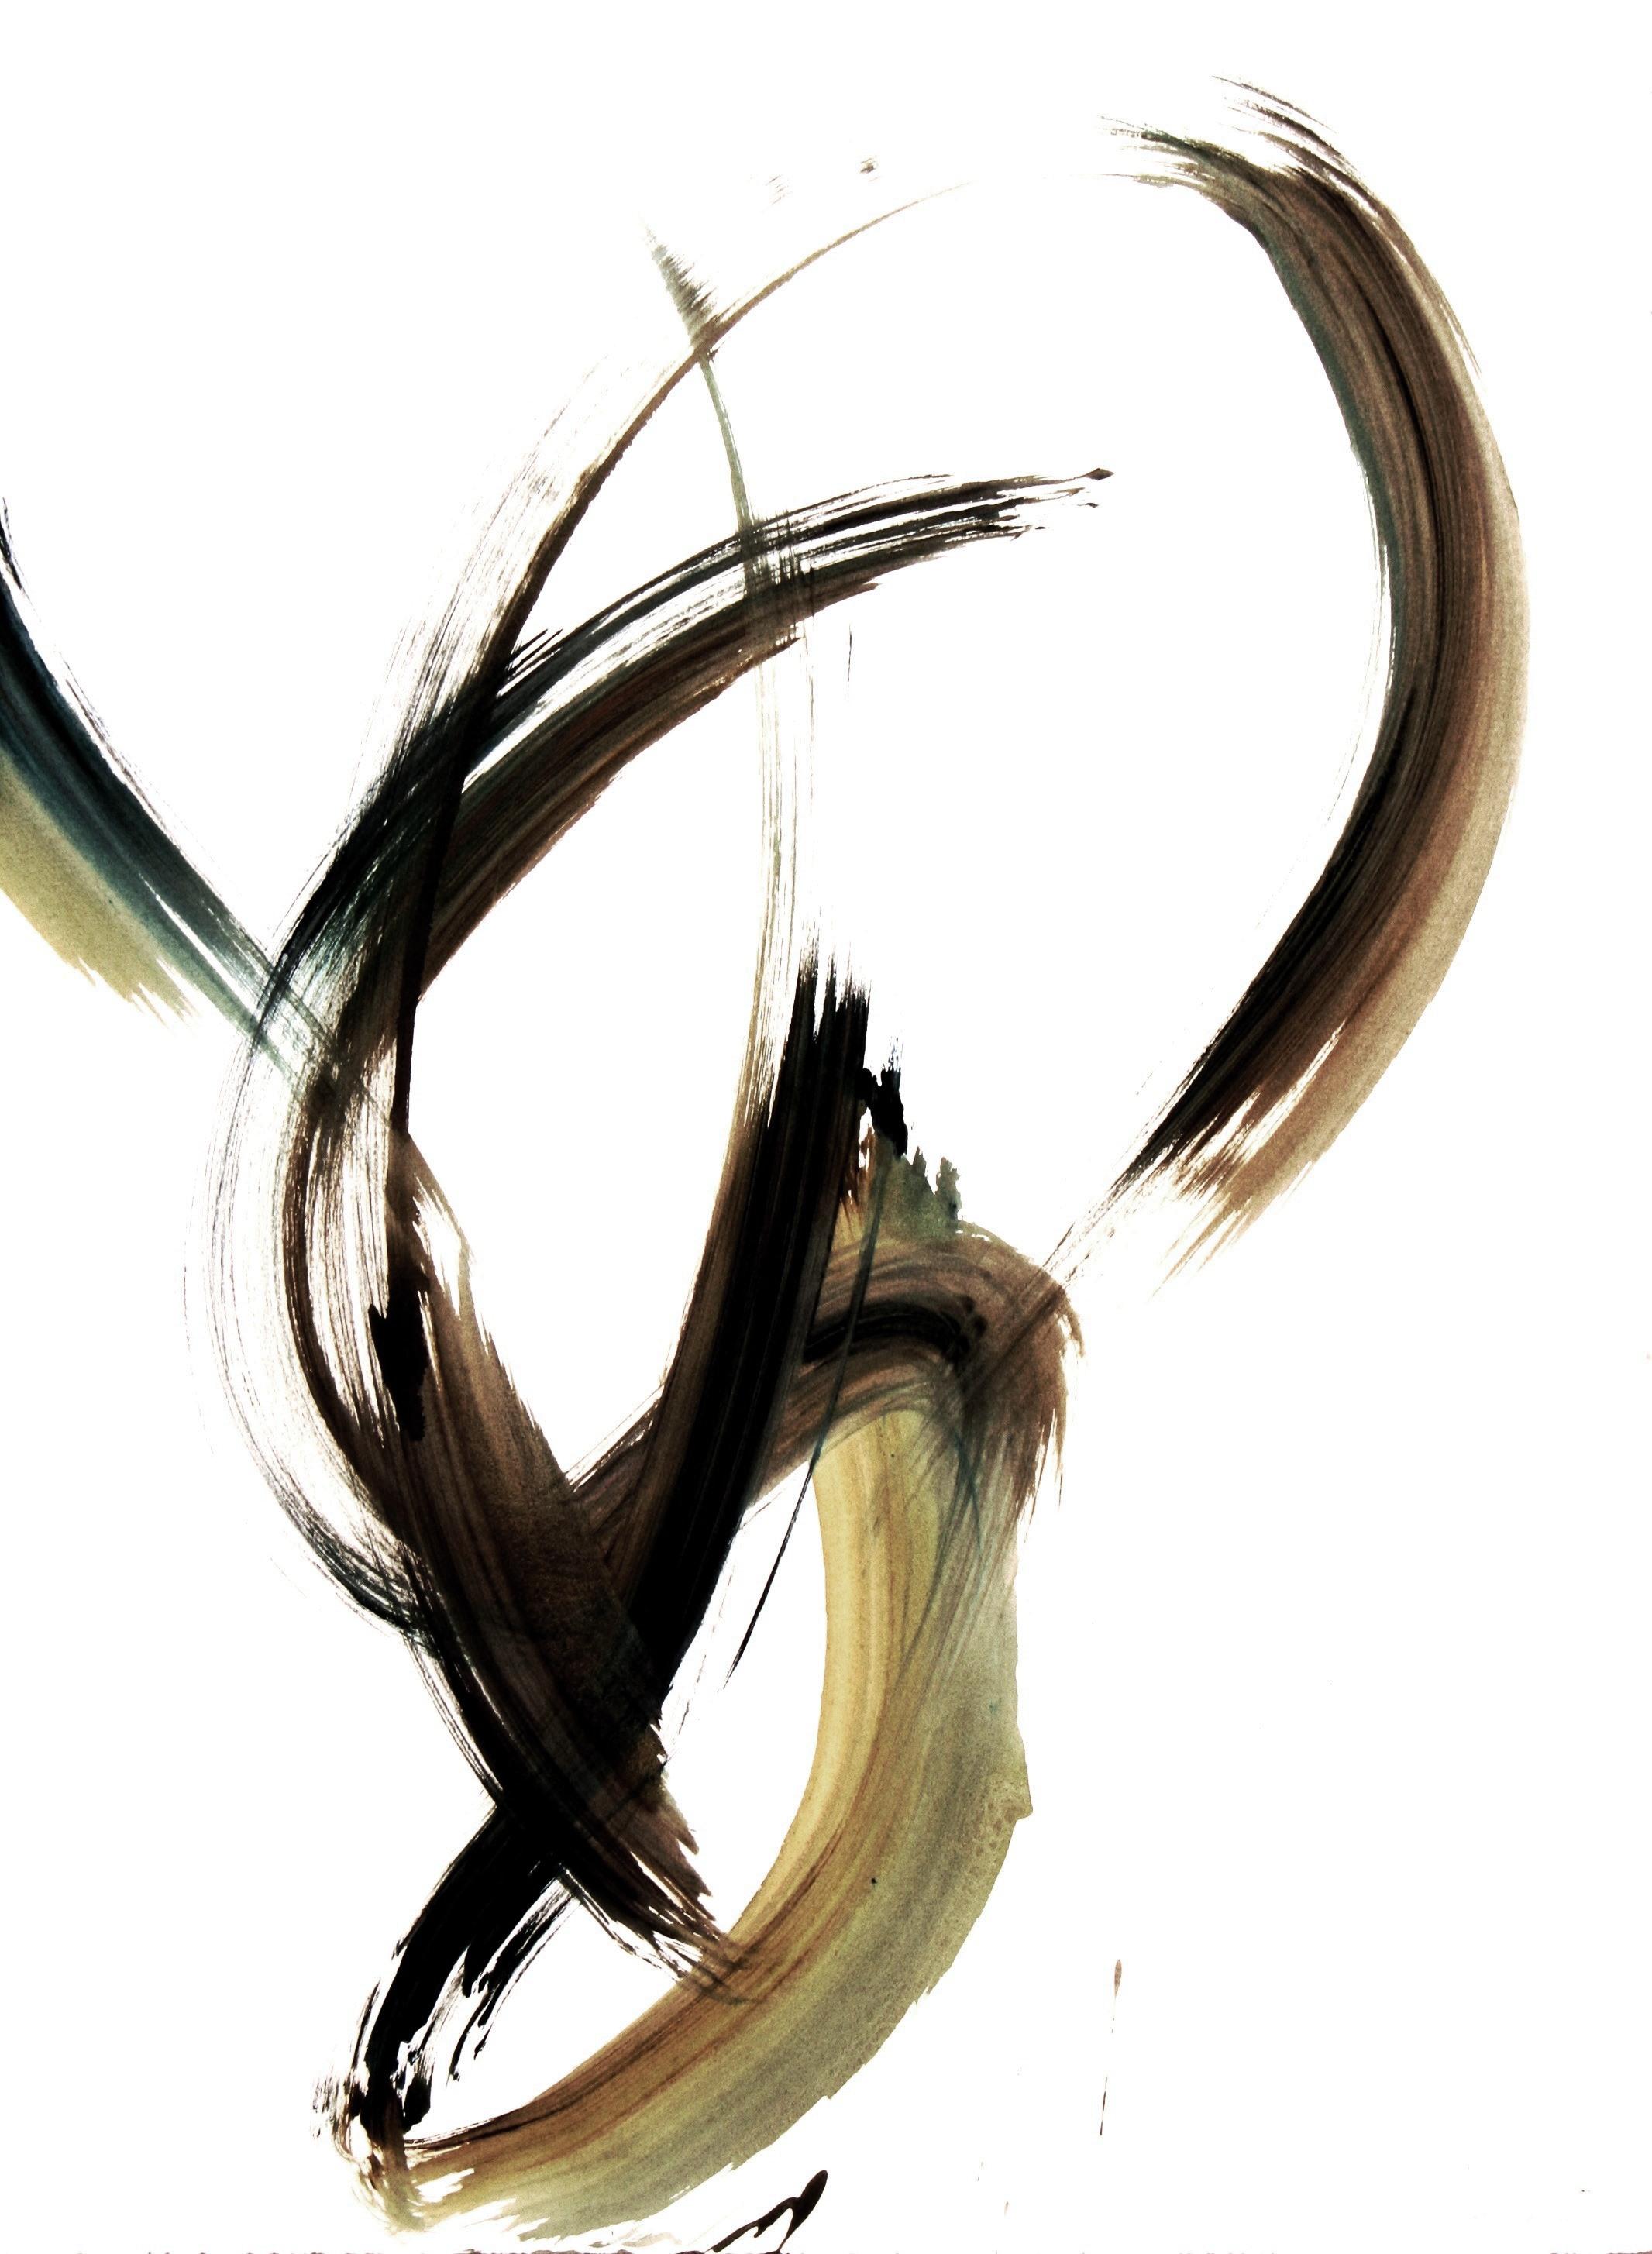 Exuberant Moment IX  2000, acrylic on paper, 30x22in